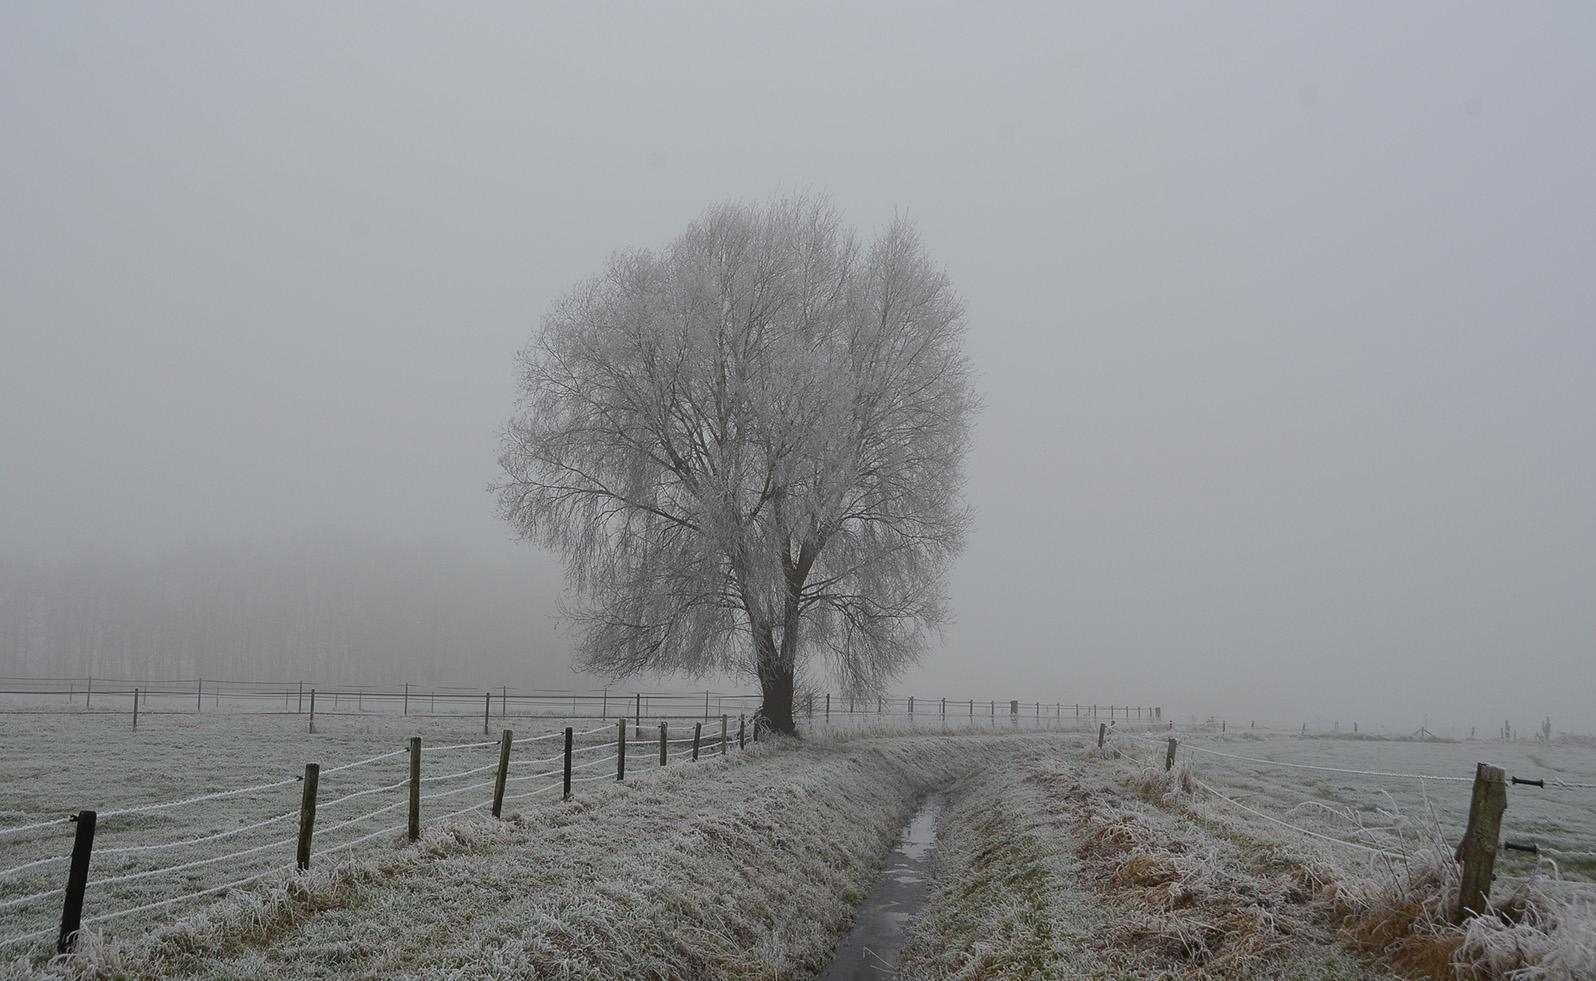 dc_0290Een mooi winters landschap op de Veluwe - Foto: ©Fransien Fraanje Filosofische kant